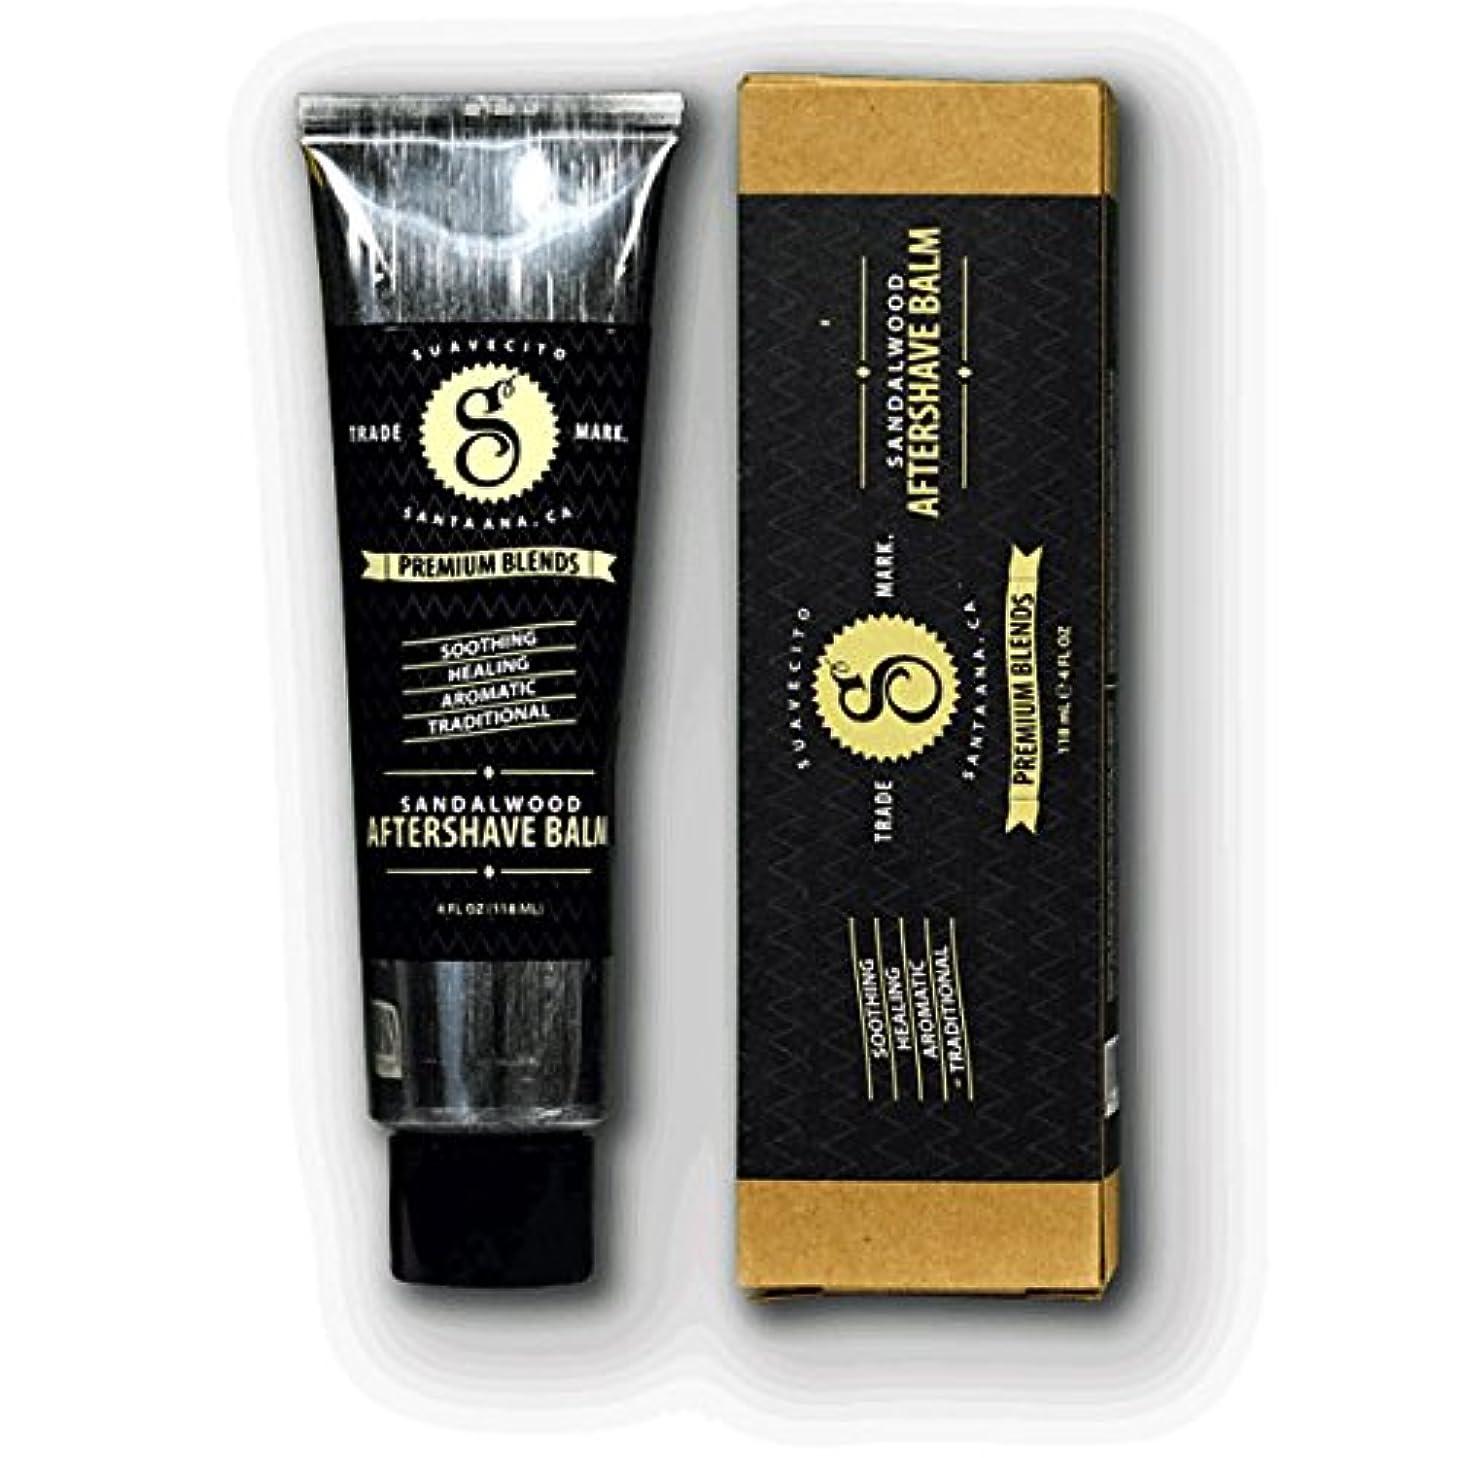 第インポートハムSUAVECITO スアベシート 【Premium Blends Sandalwood Aftershave Balm 4oz】 シェービングクリーム 4OZ(約110G)